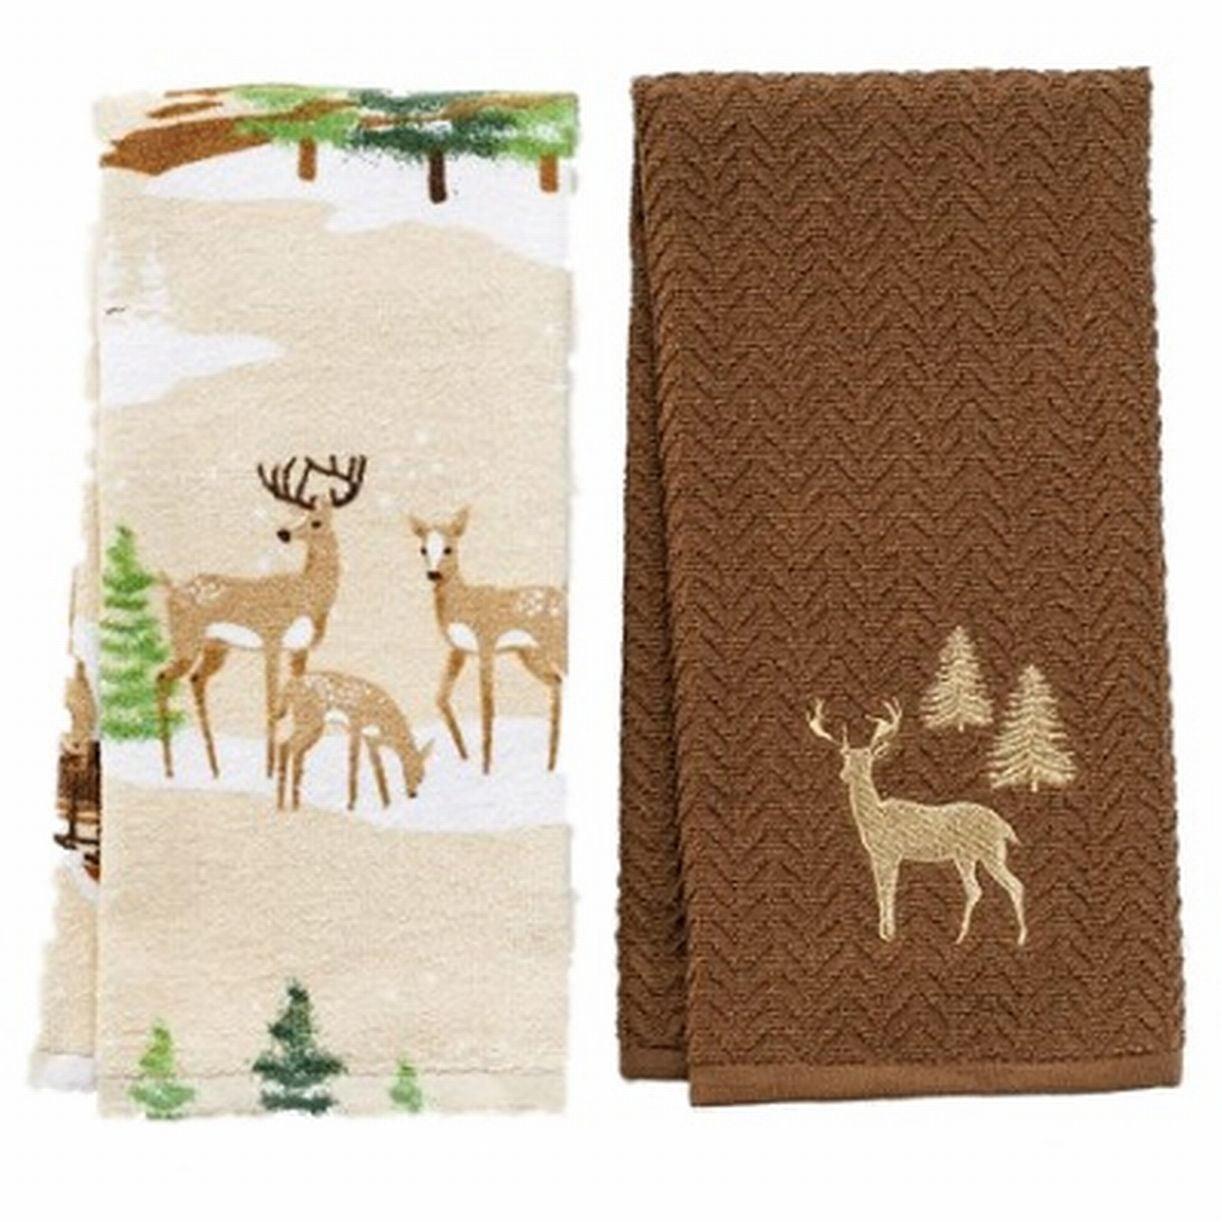 St Nicholas Square Christmas Deer Kitchen Towel Set Forest Deer